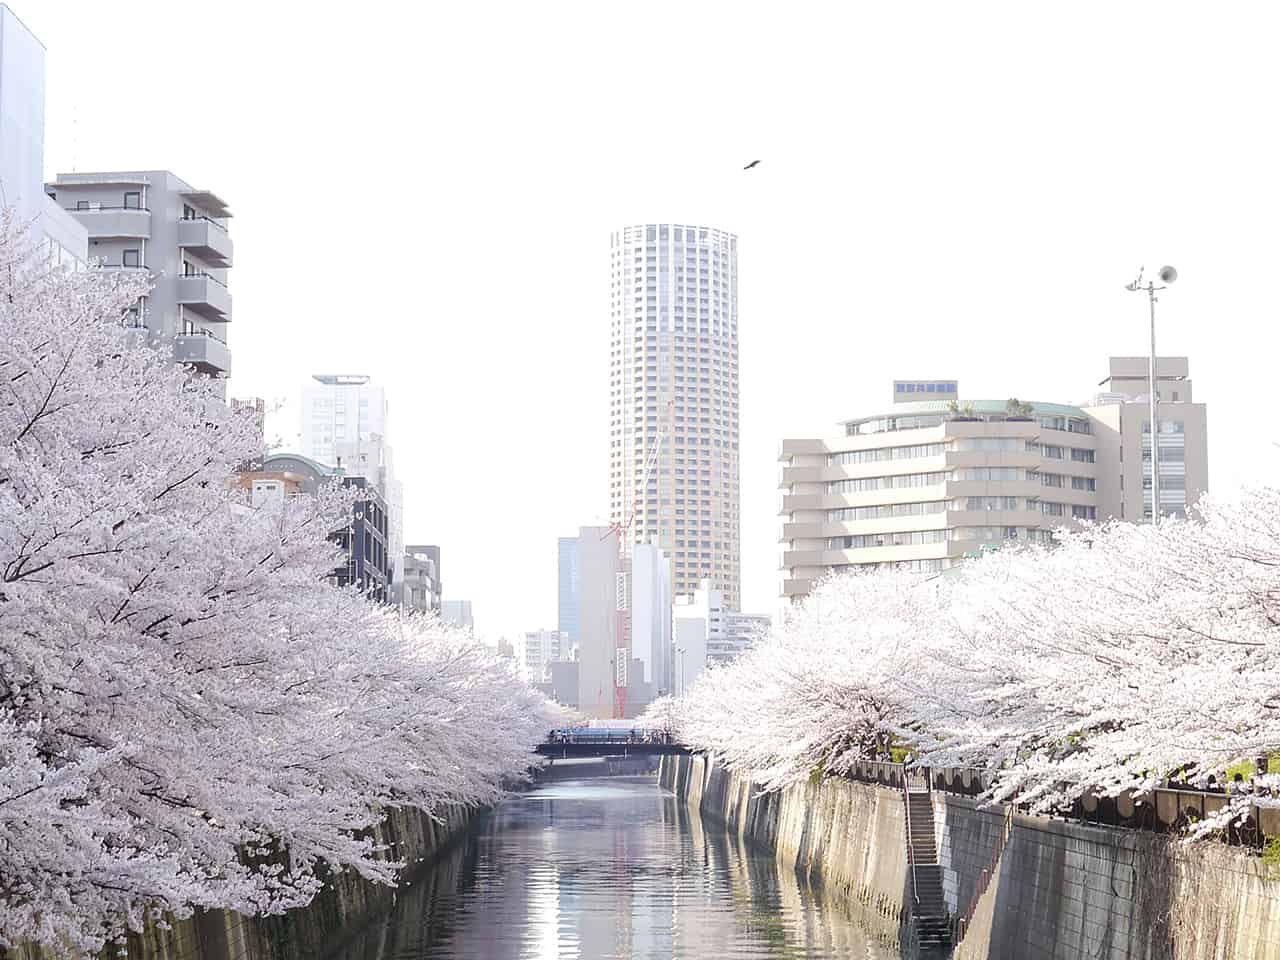 สถานที่ ขอแต่งงาน ญี่ปุ่น - แม่น้ำเมกุโระ